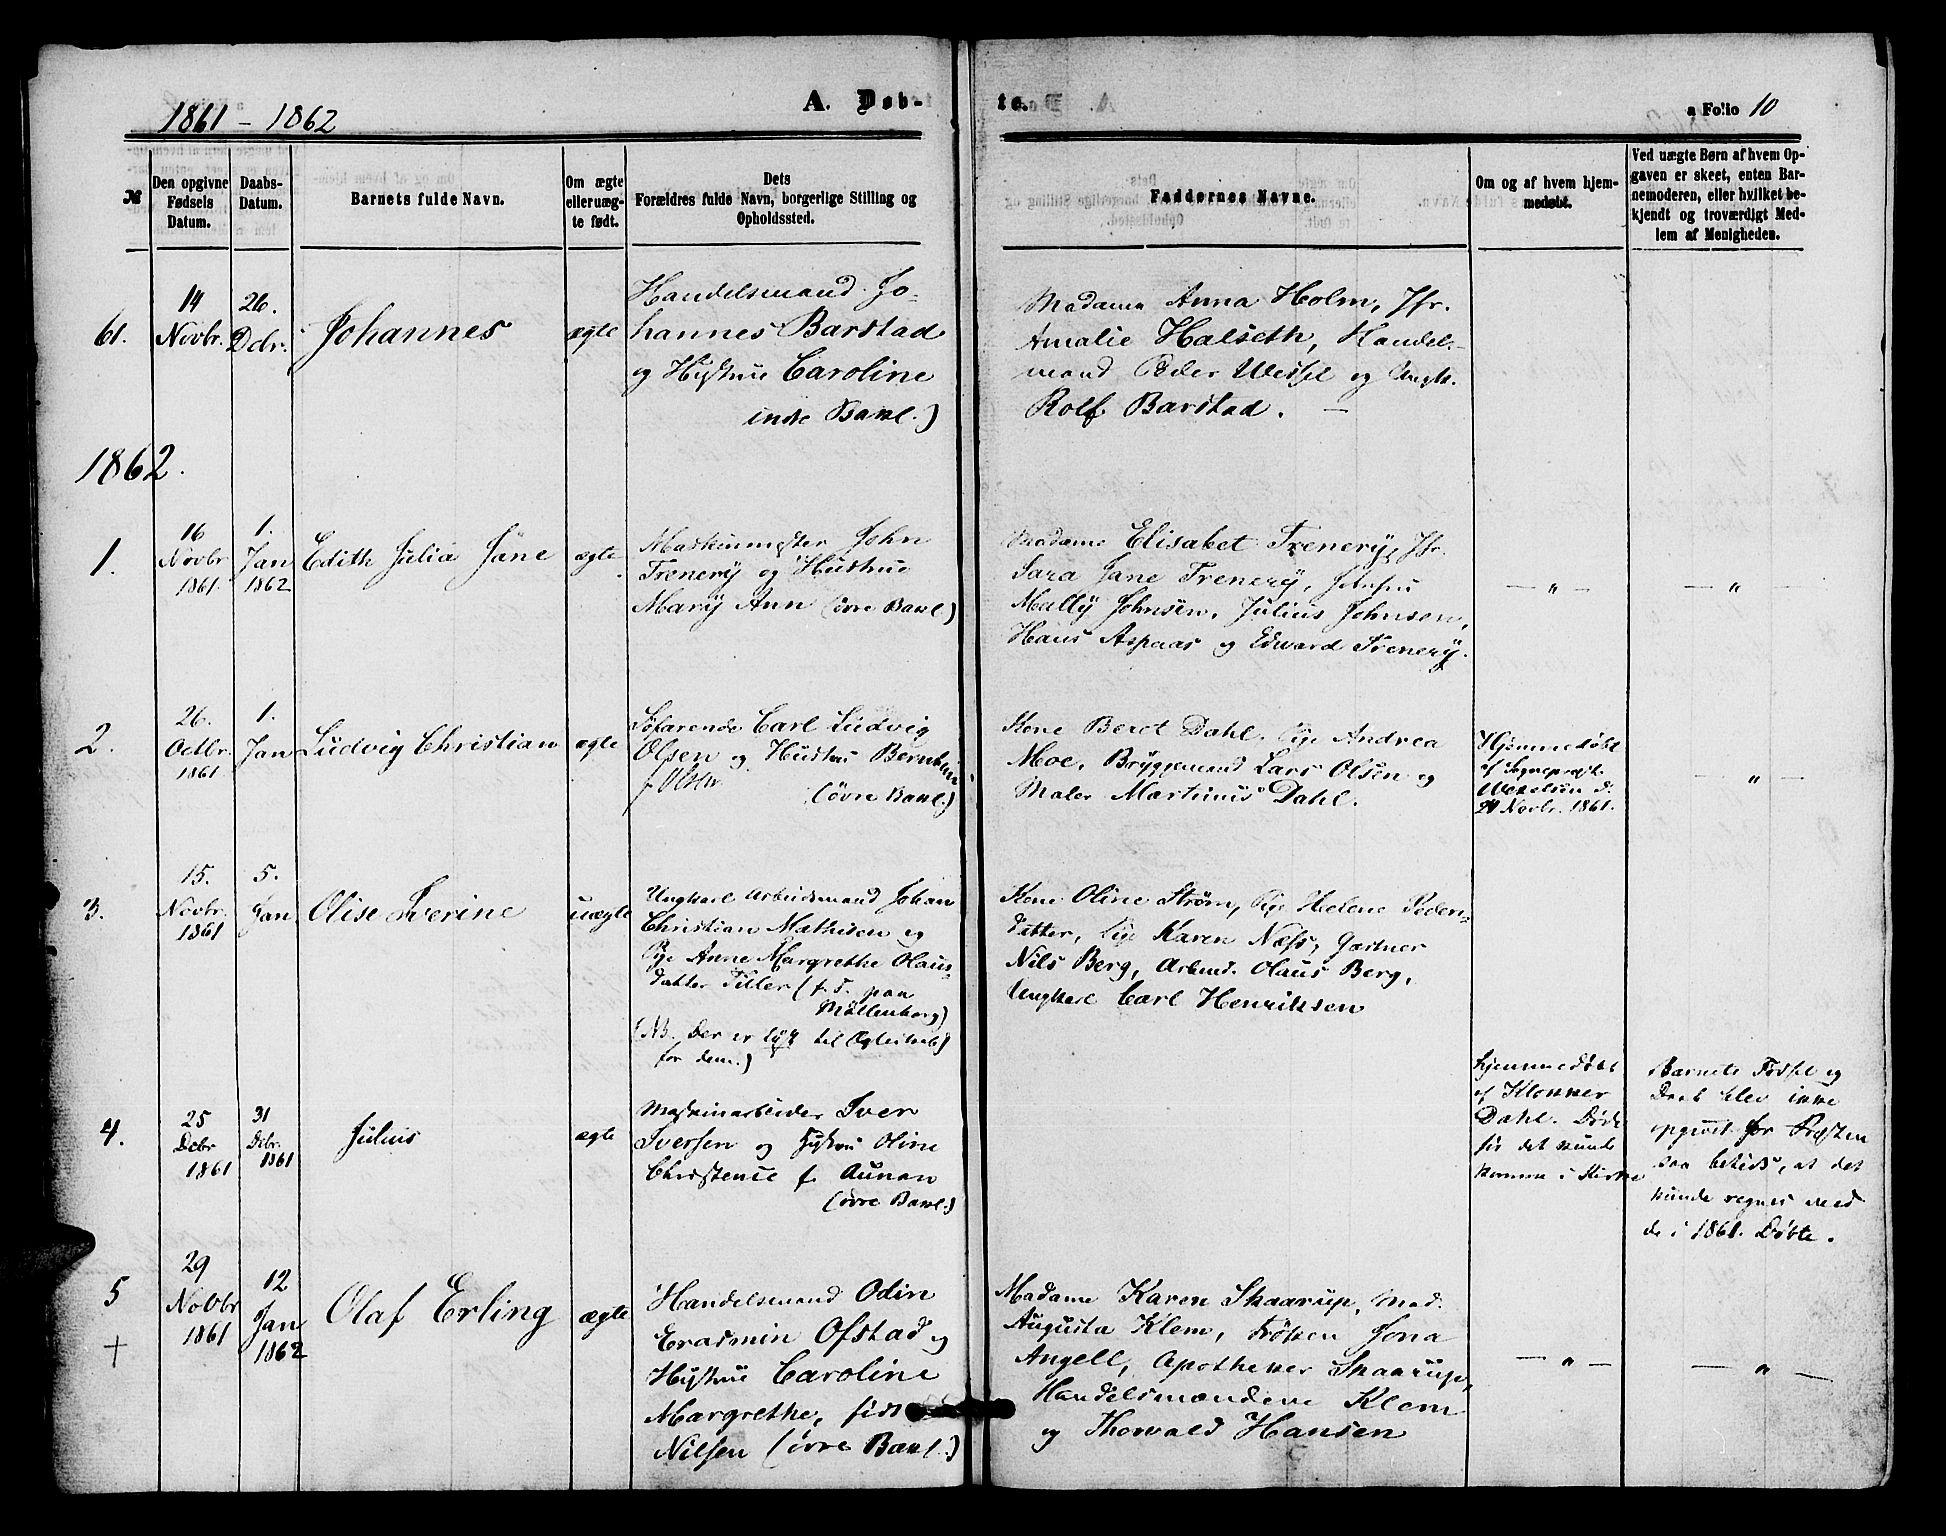 SAT, Ministerialprotokoller, klokkerbøker og fødselsregistre - Sør-Trøndelag, 604/L0185: Ministerialbok nr. 604A06, 1861-1865, s. 10